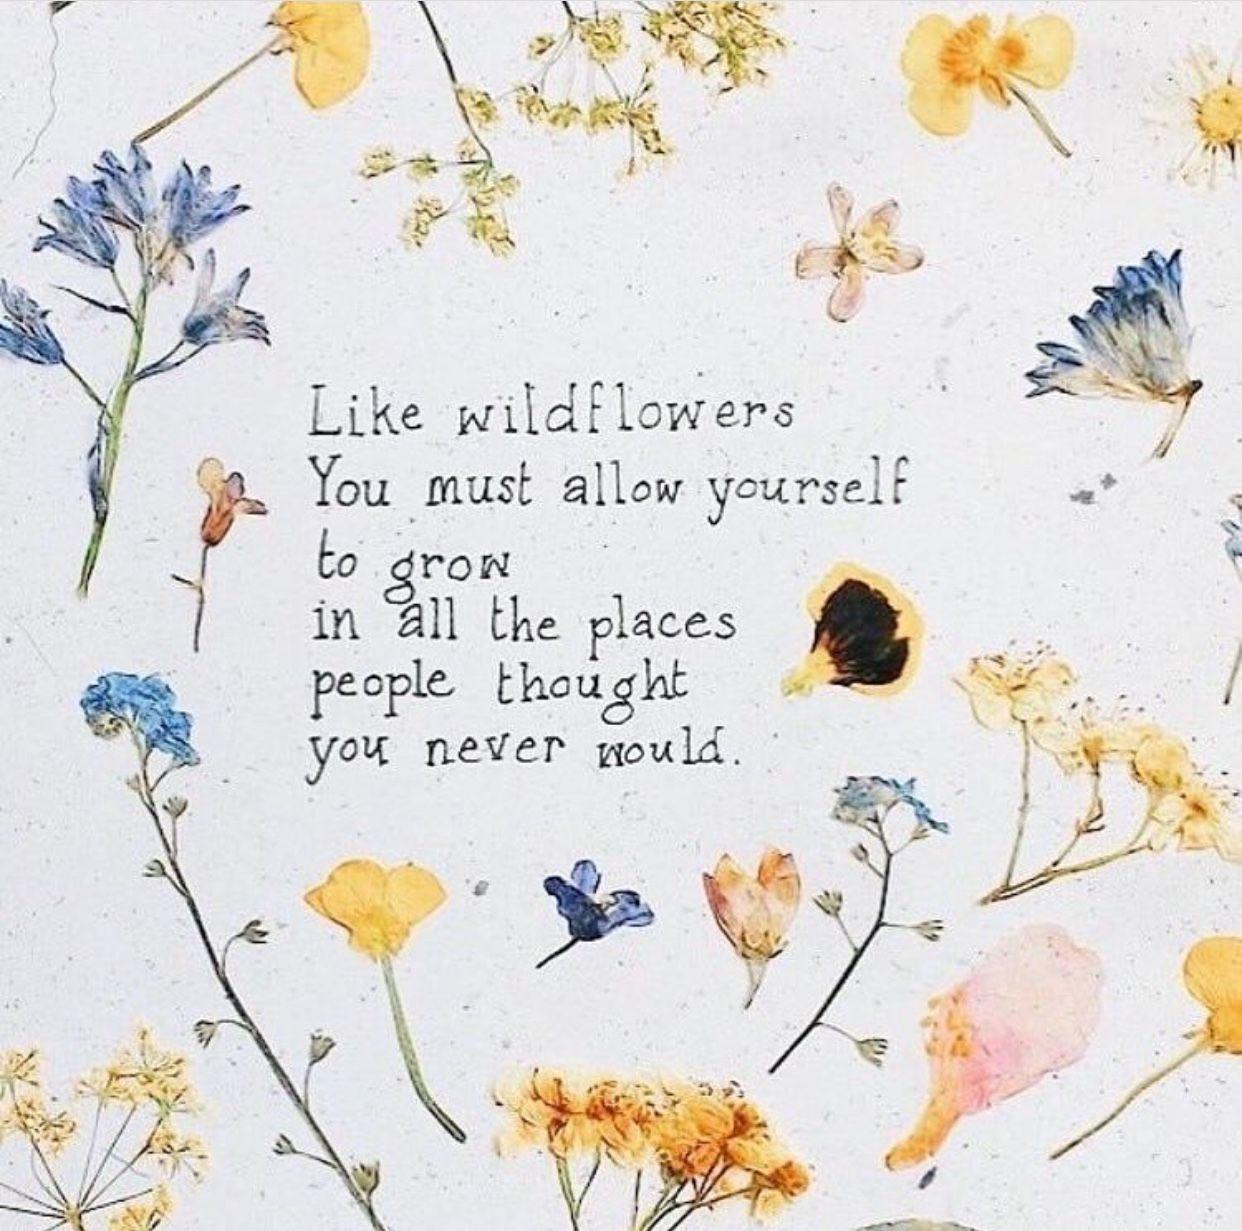 como flores silvestres você deve se permitir crescer em todos os lugares que as pessoas pensavam que você nunca faria #wildflowers